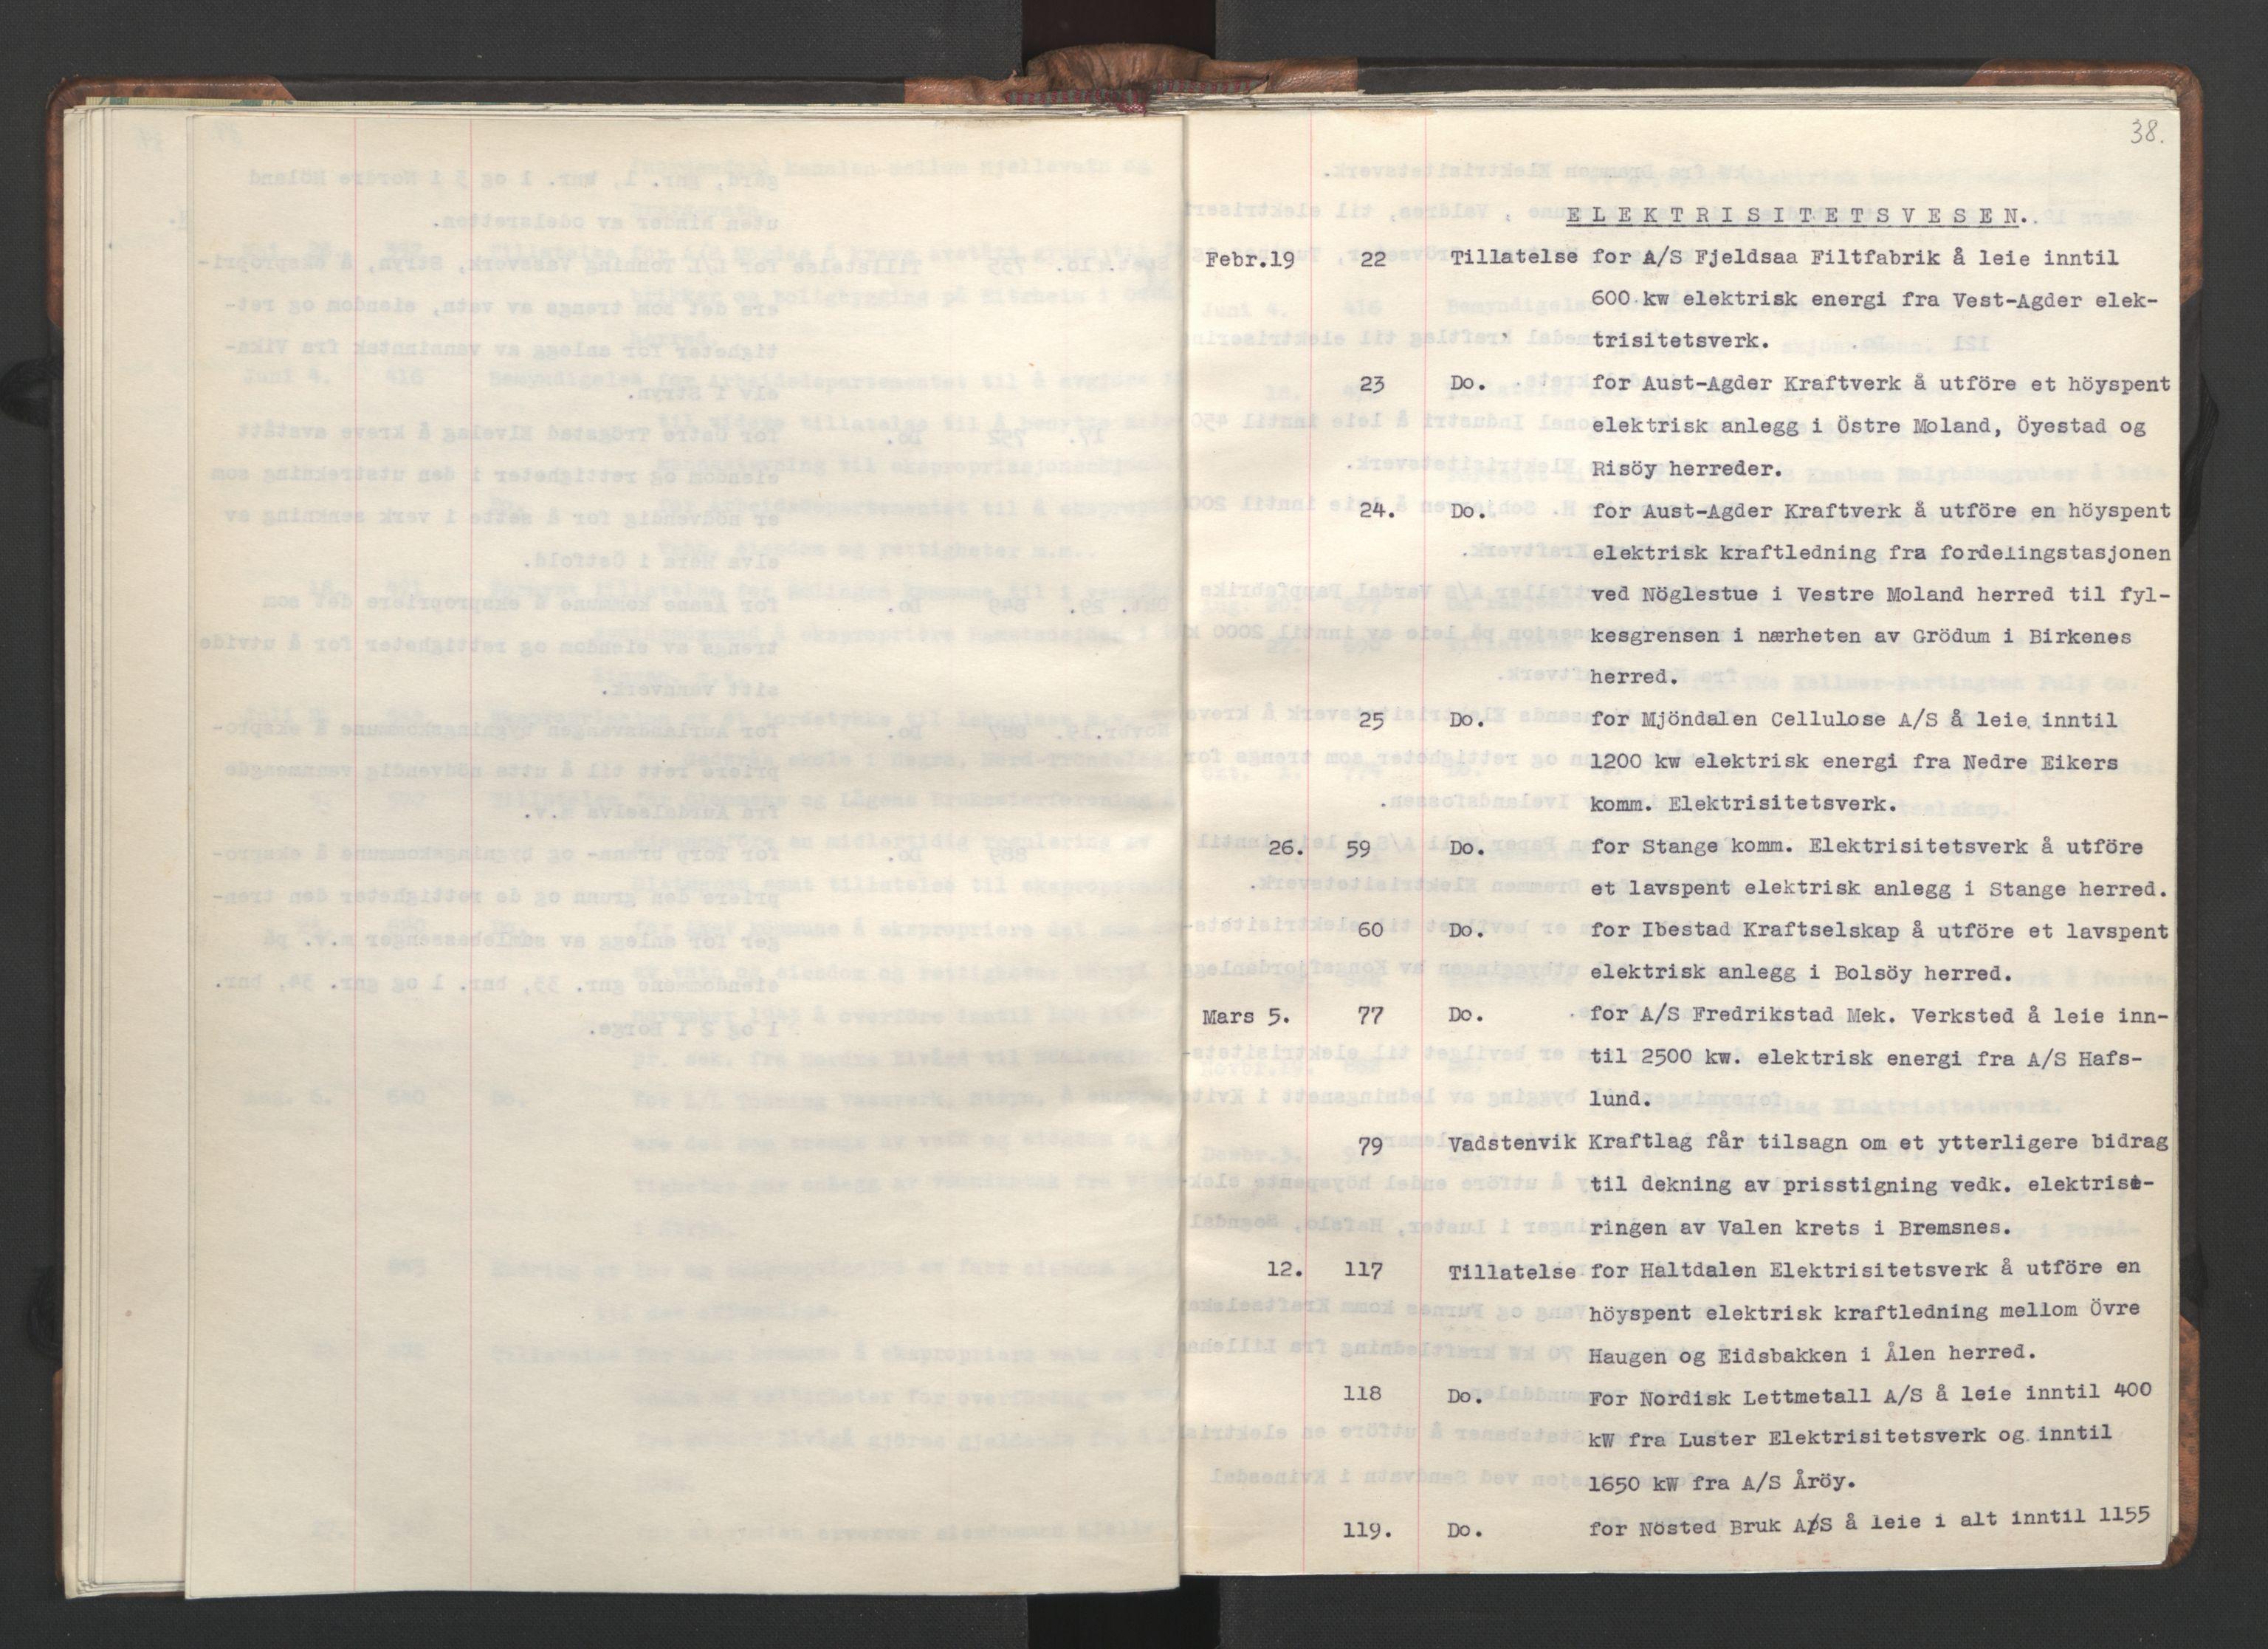 RA, NS-administrasjonen 1940-1945 (Statsrådsekretariatet, de kommisariske statsråder mm), D/Da/L0002: Register (RA j.nr. 985/1943, tilgangsnr. 17/1943), 1942, s. 37b-38a